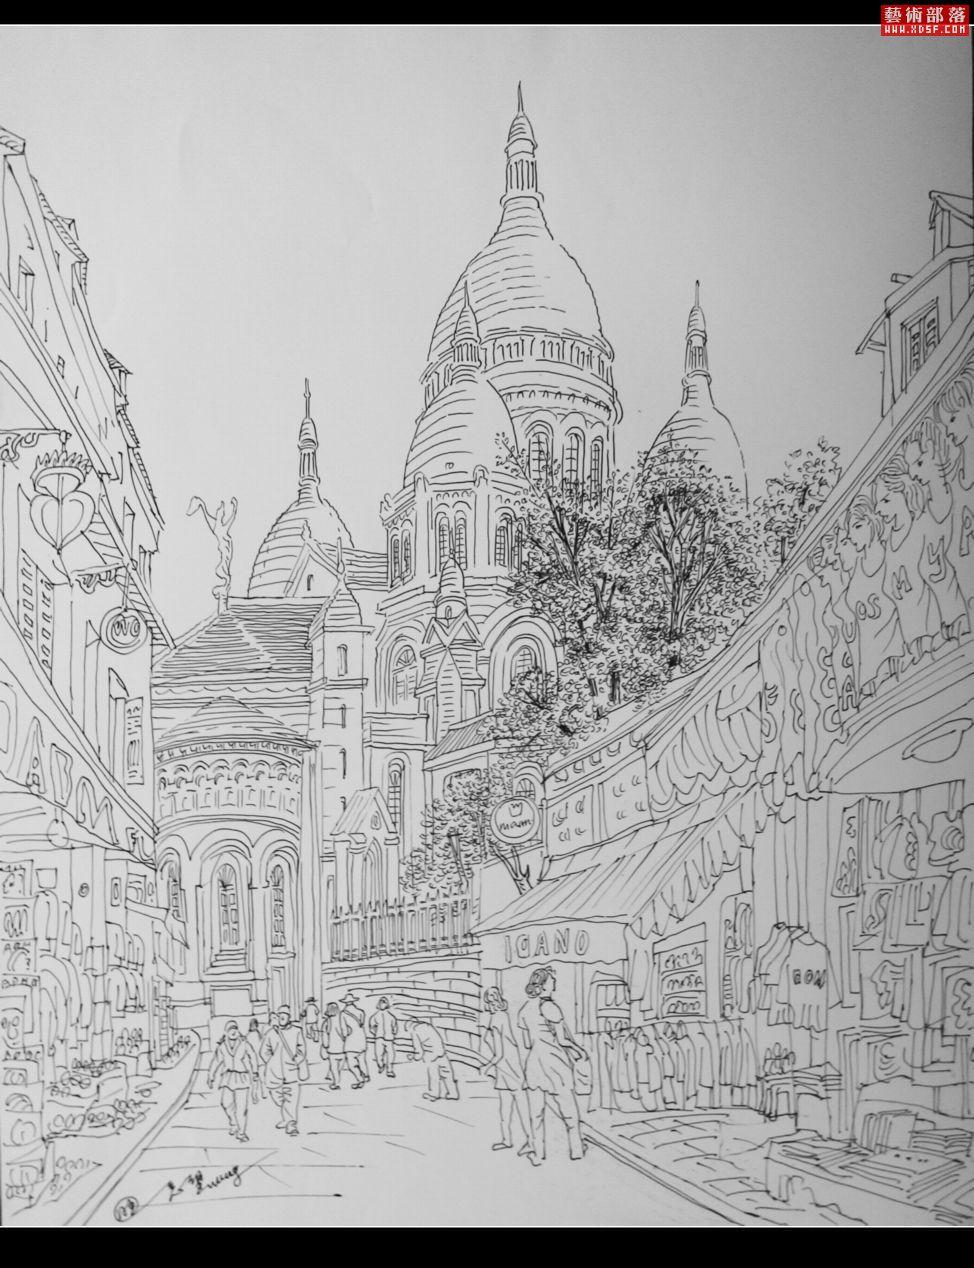 【有教堂的城市—旺忘望旅游钢笔速写展】